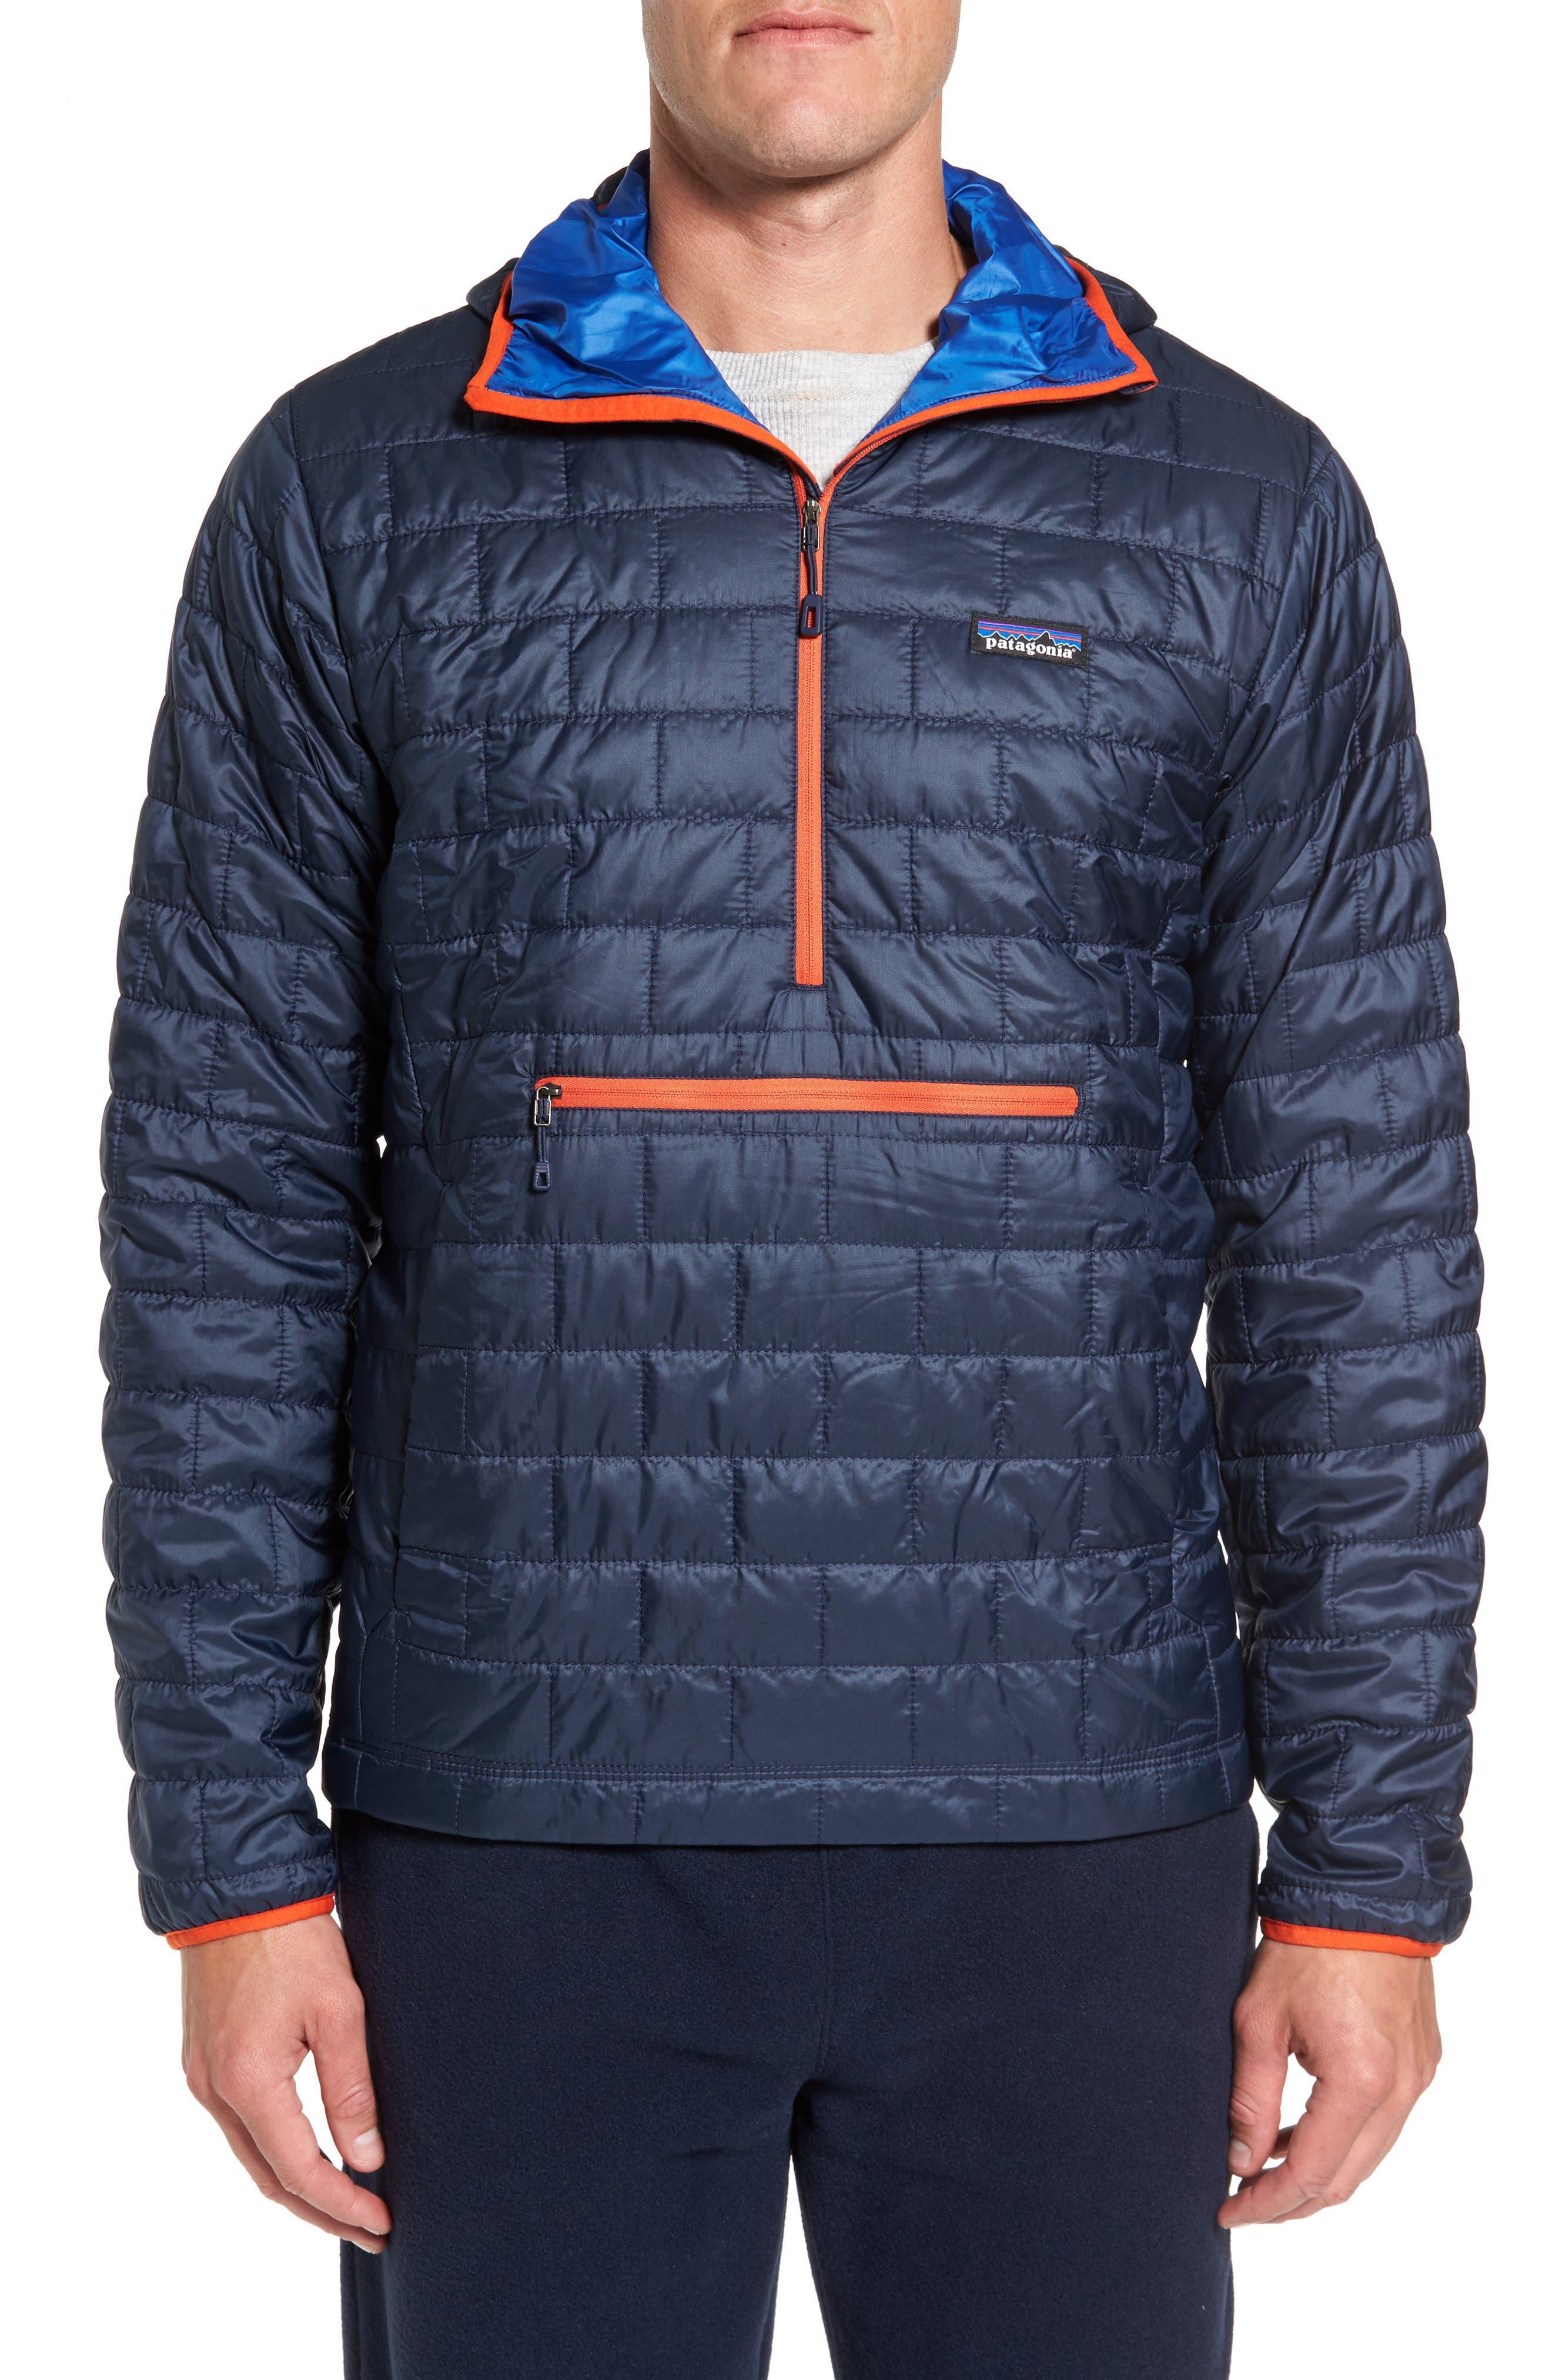 Alternate Image 1 Selected - Patagonia Nano Puff® Bivy Regular Fit Water Resistant Jacket